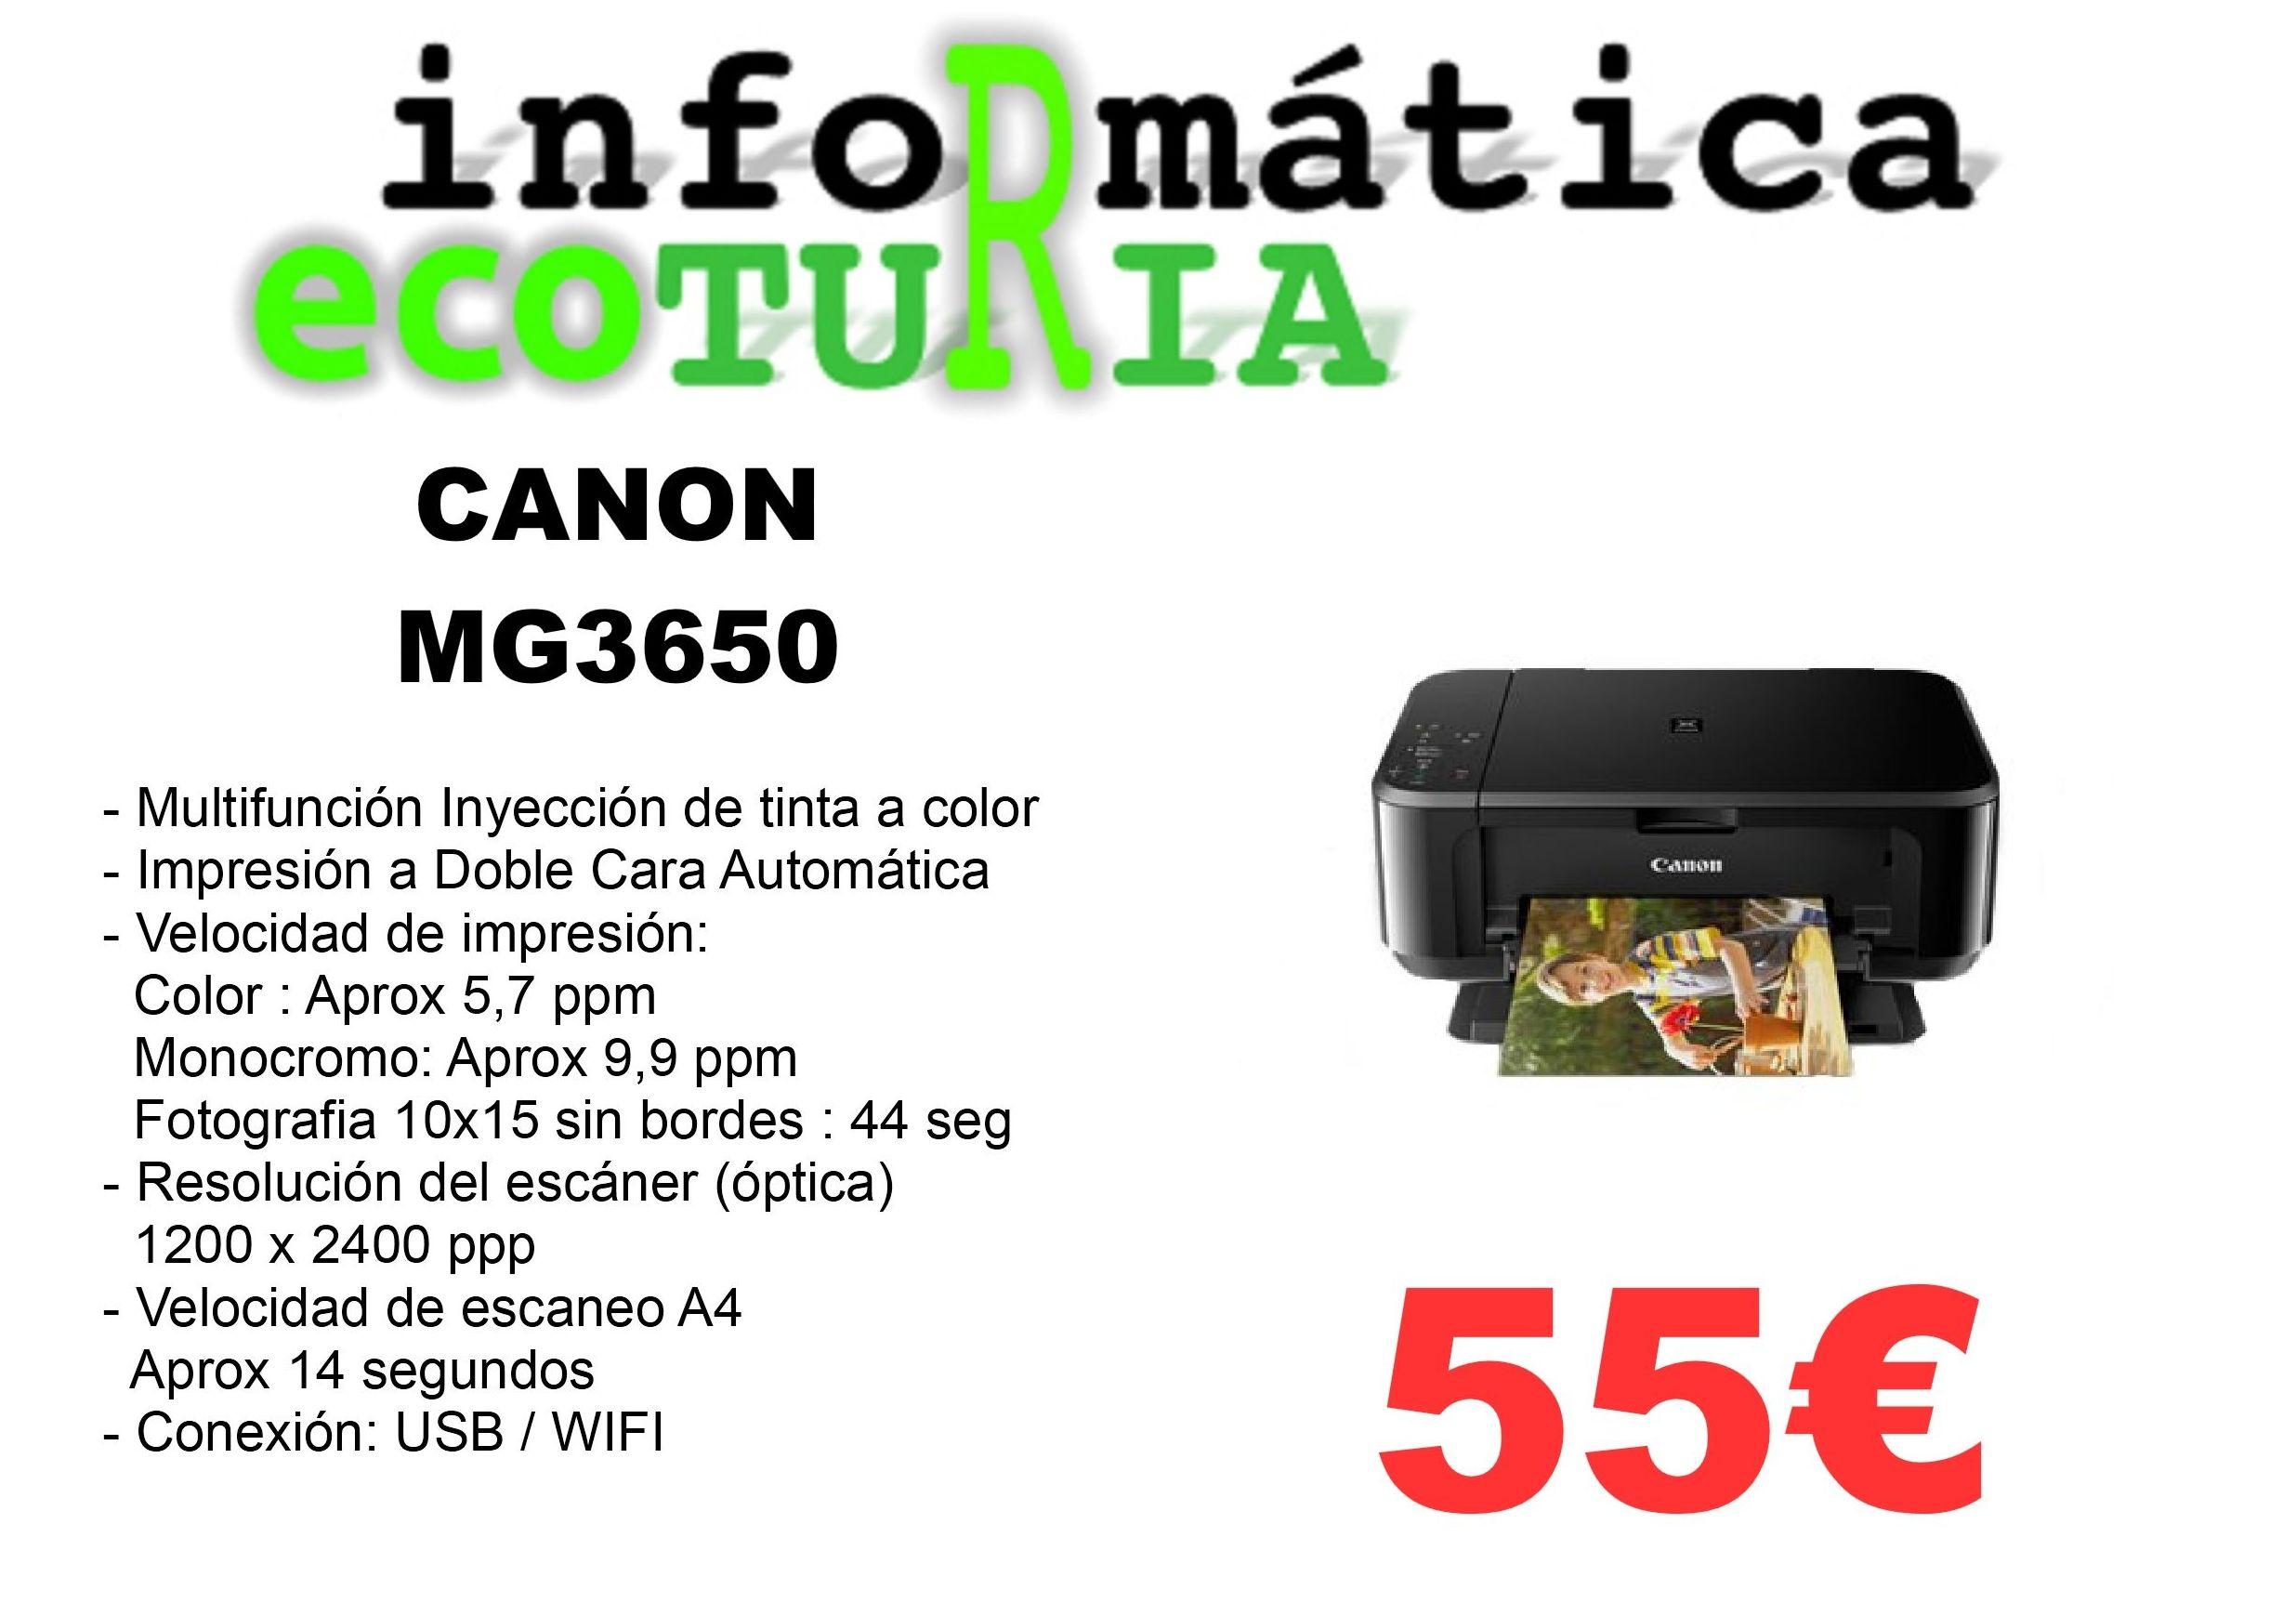 Multifunción Canon MG3650